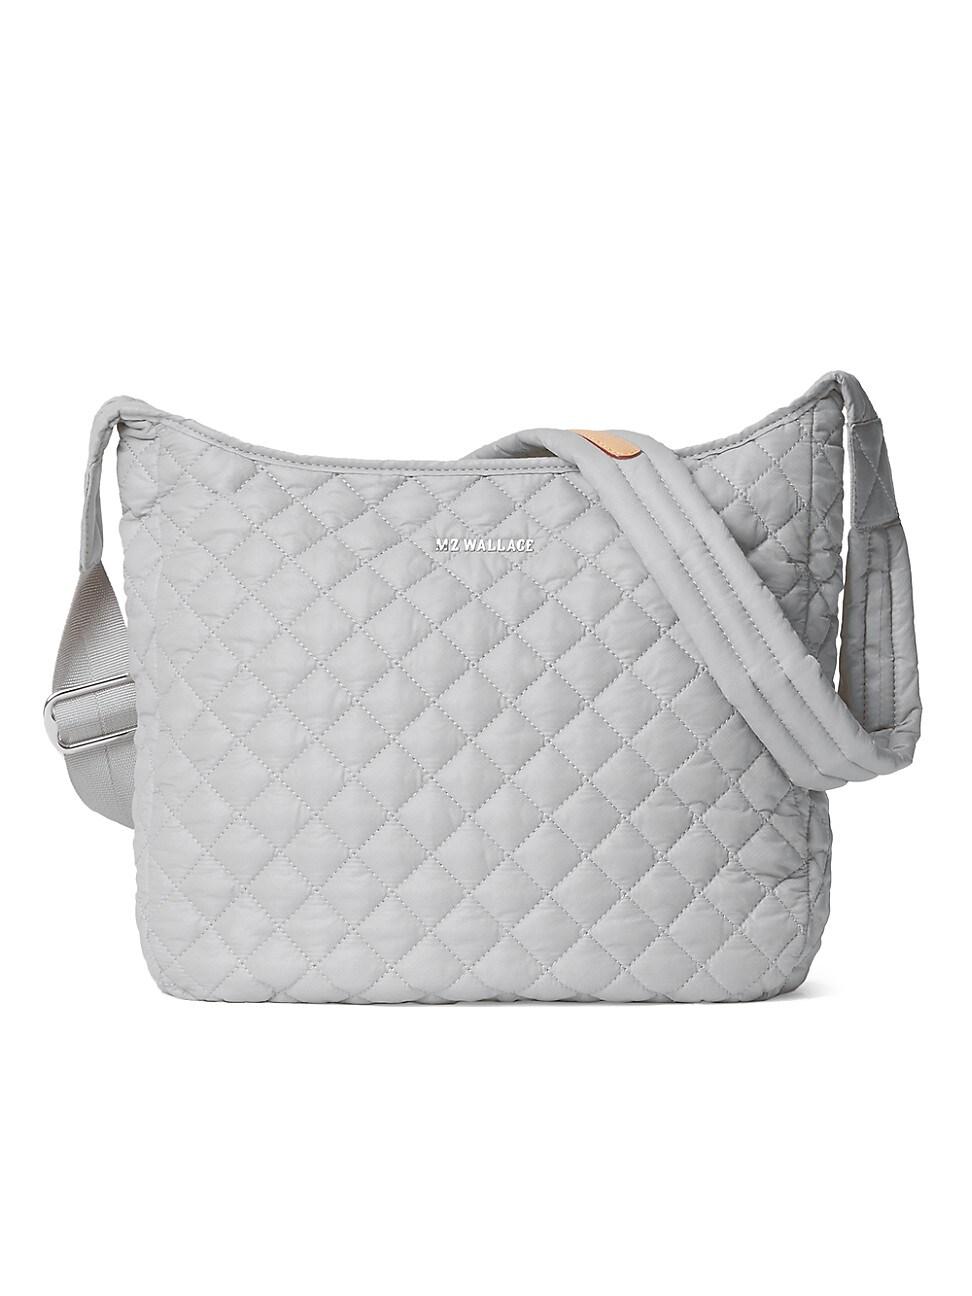 Mz Wallace Women's Parker Crossbody Bag In Fog